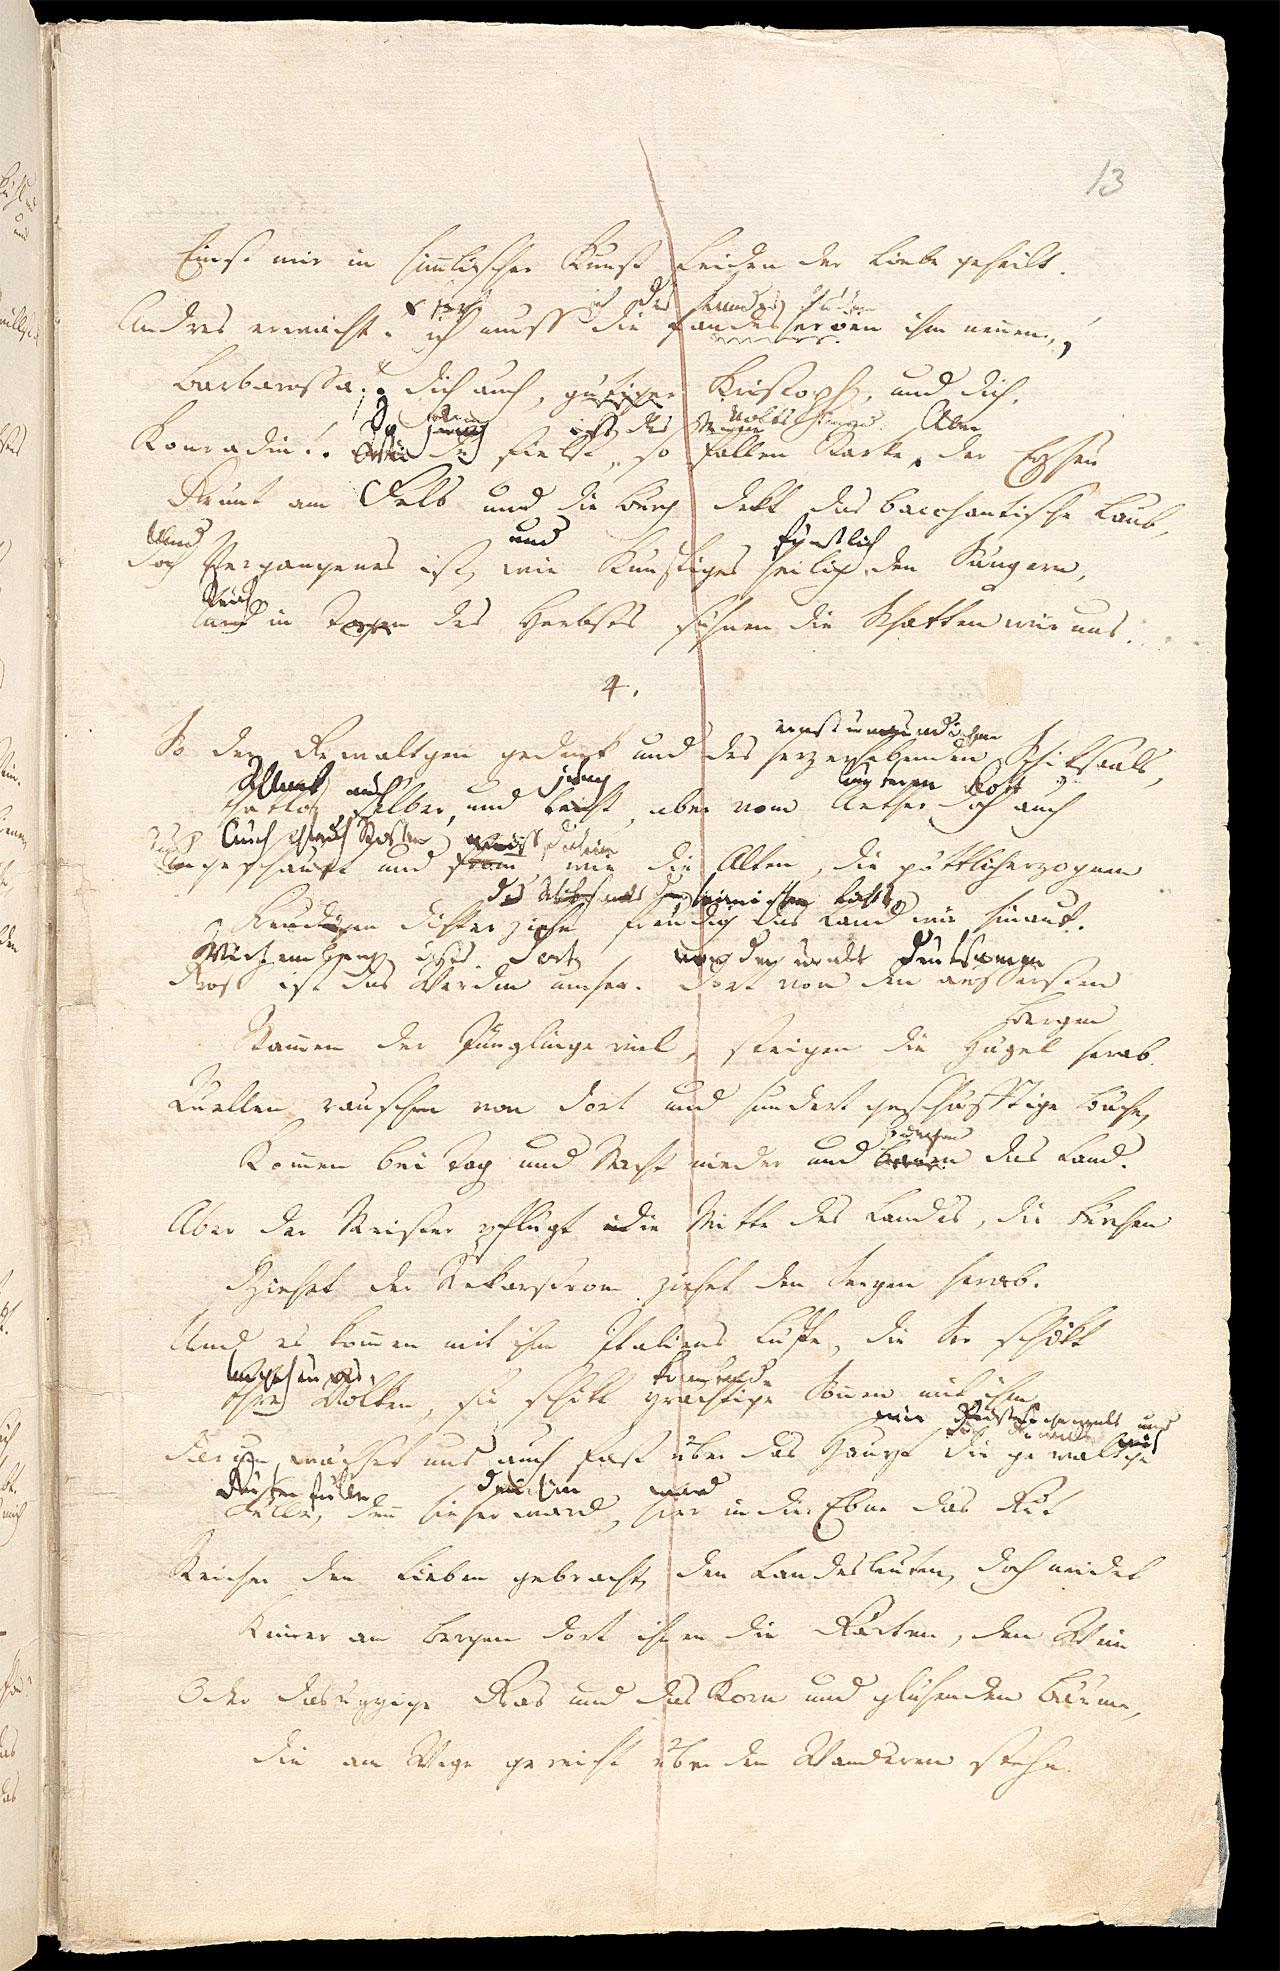 Friedrich Hölderlin, Homburger Folioheft, Seite 13, Stutgard, Handschrift